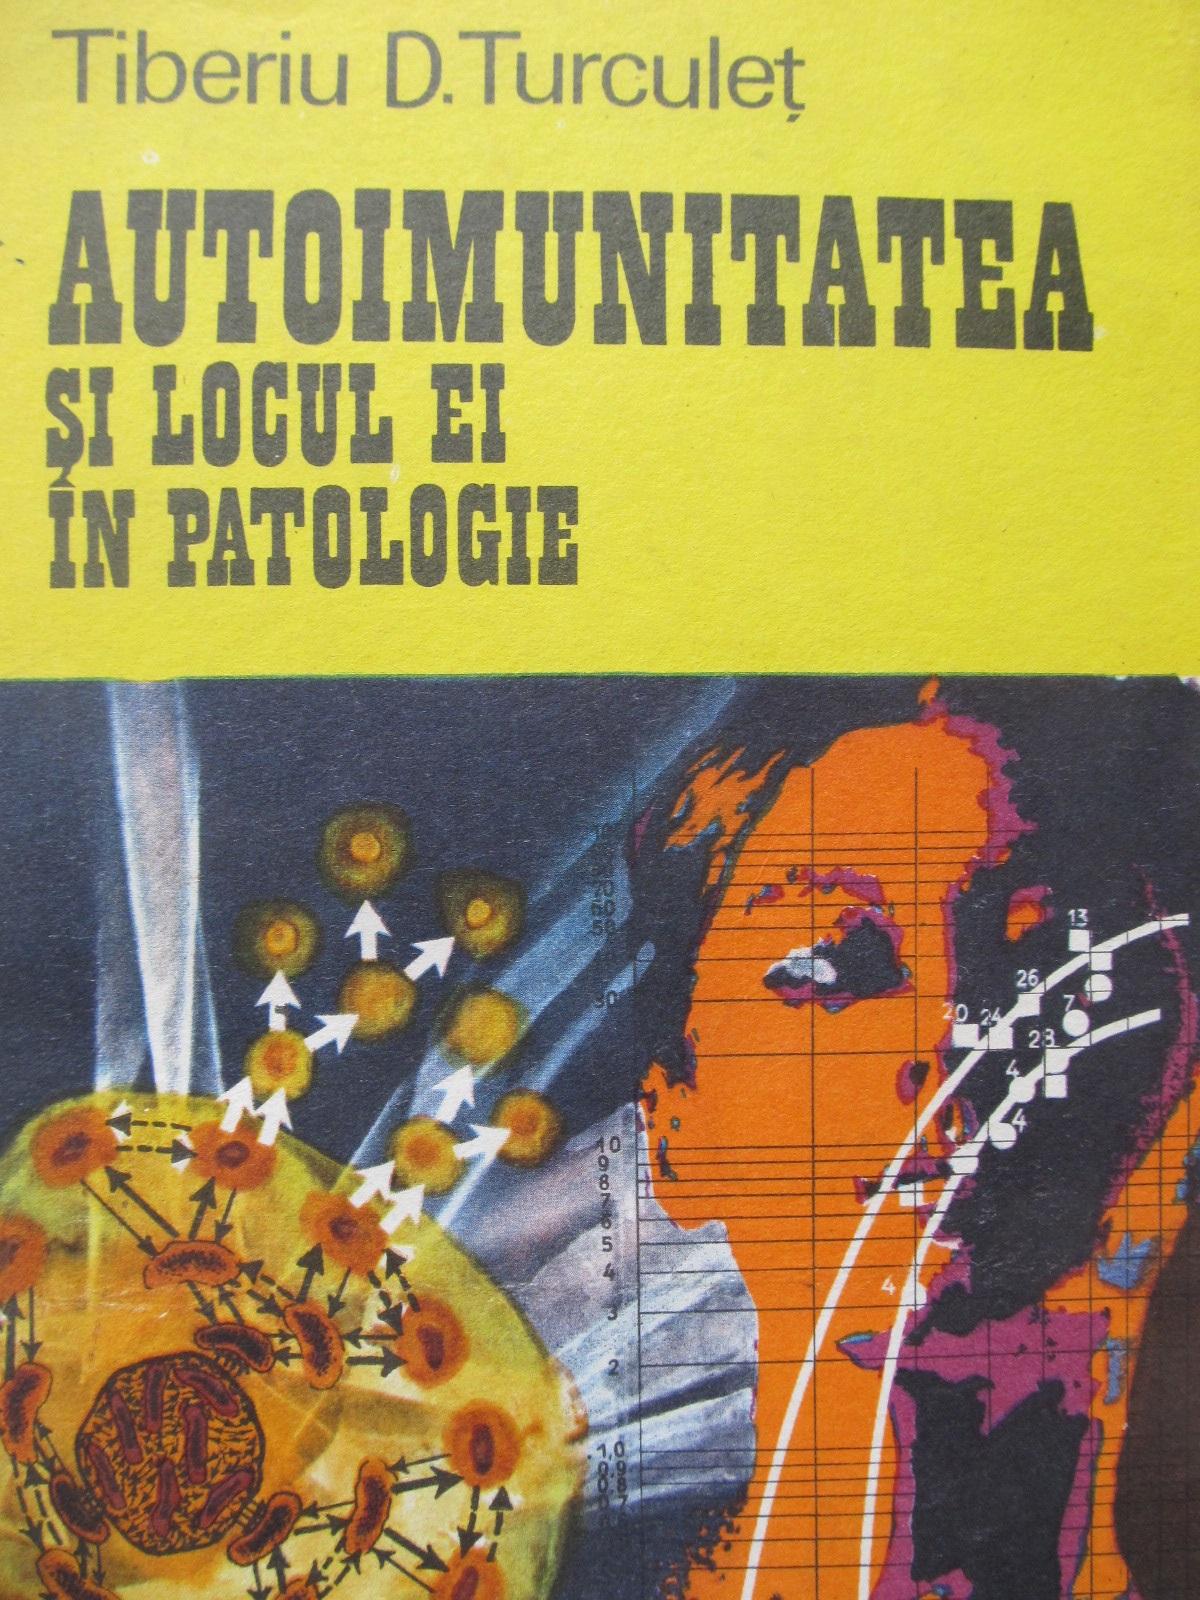 Autoimunitatea si locul ei in patologie - Tiberiu D. Turculet | Detalii carte